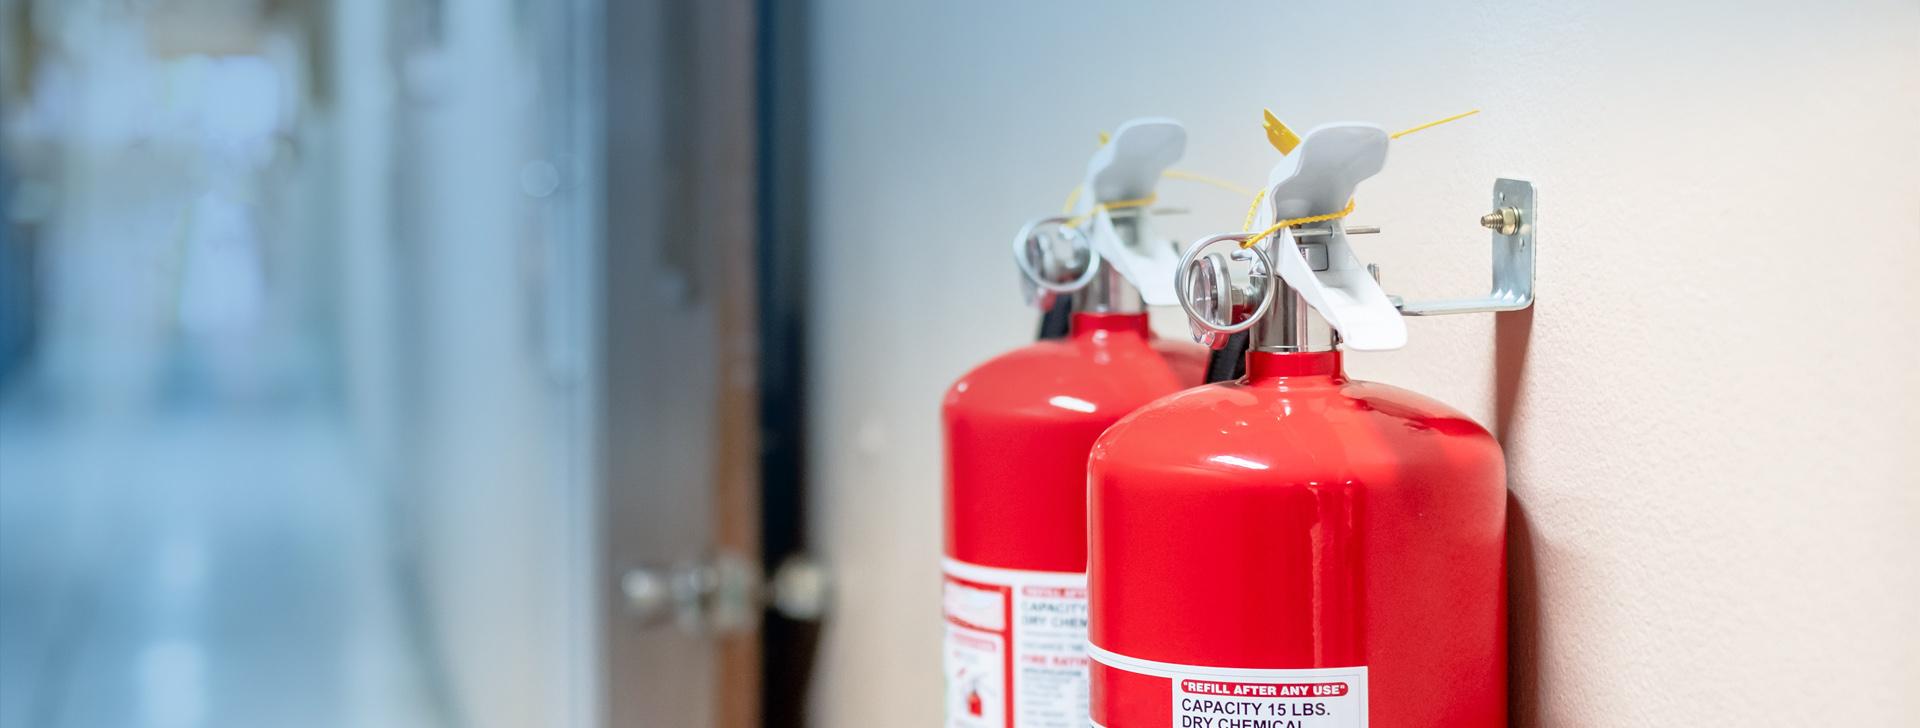 Brandschutz mit Schoendienst